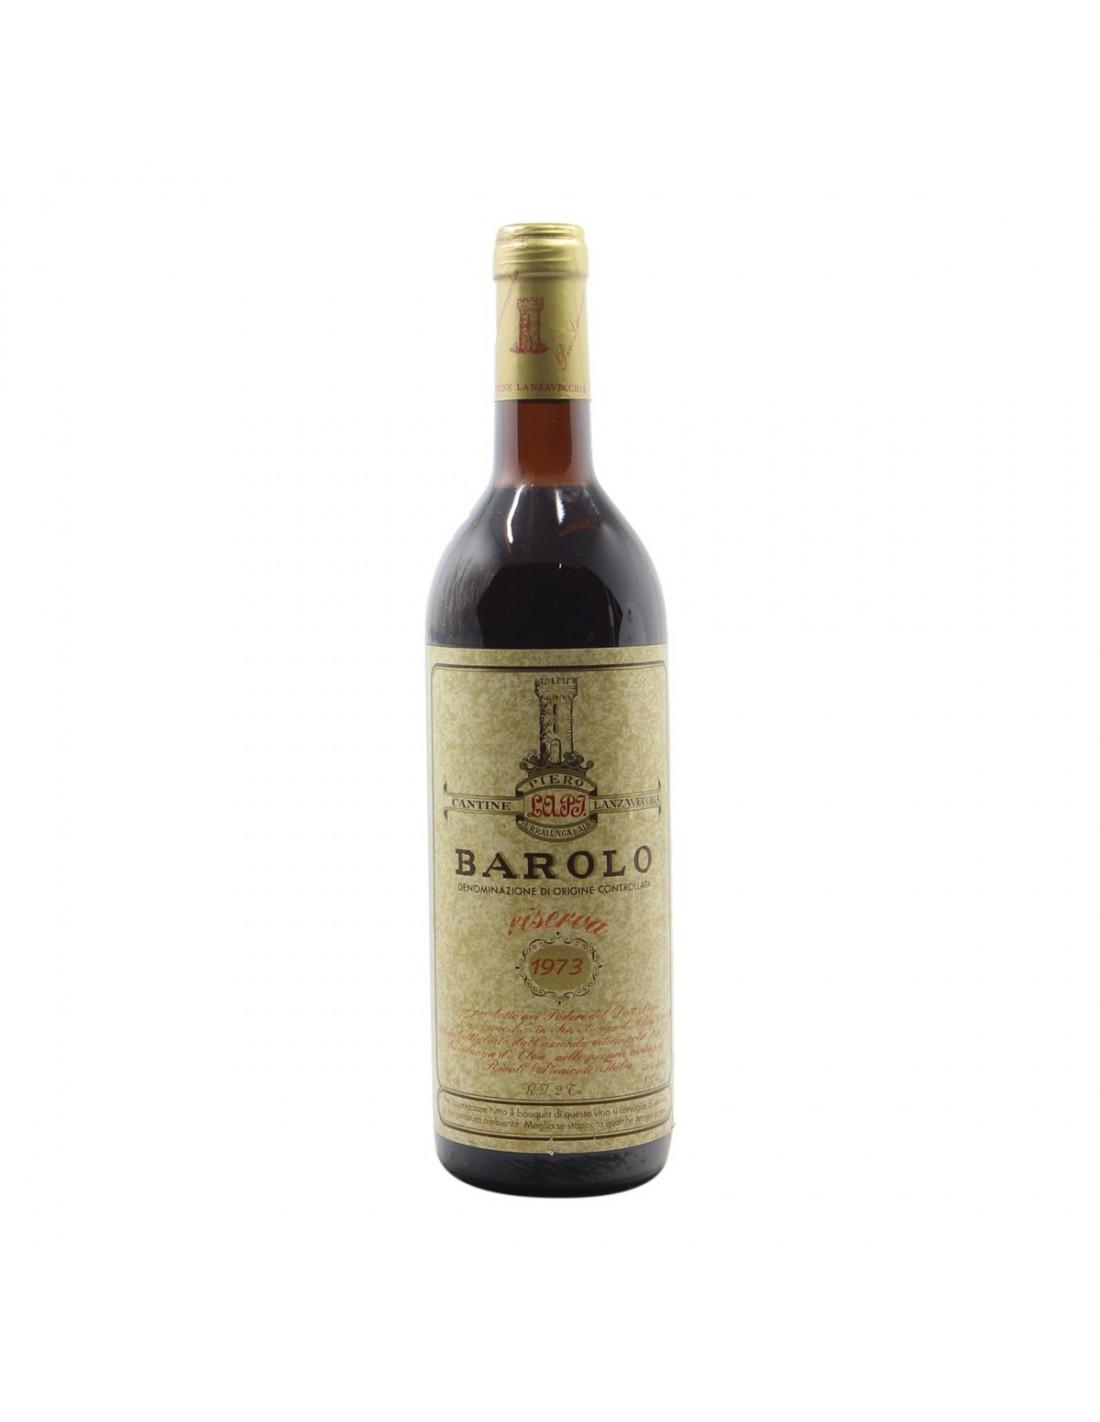 BAROLO RISERVA 1973 CANTINE LANZAVECCHIA Grandi Bottiglie